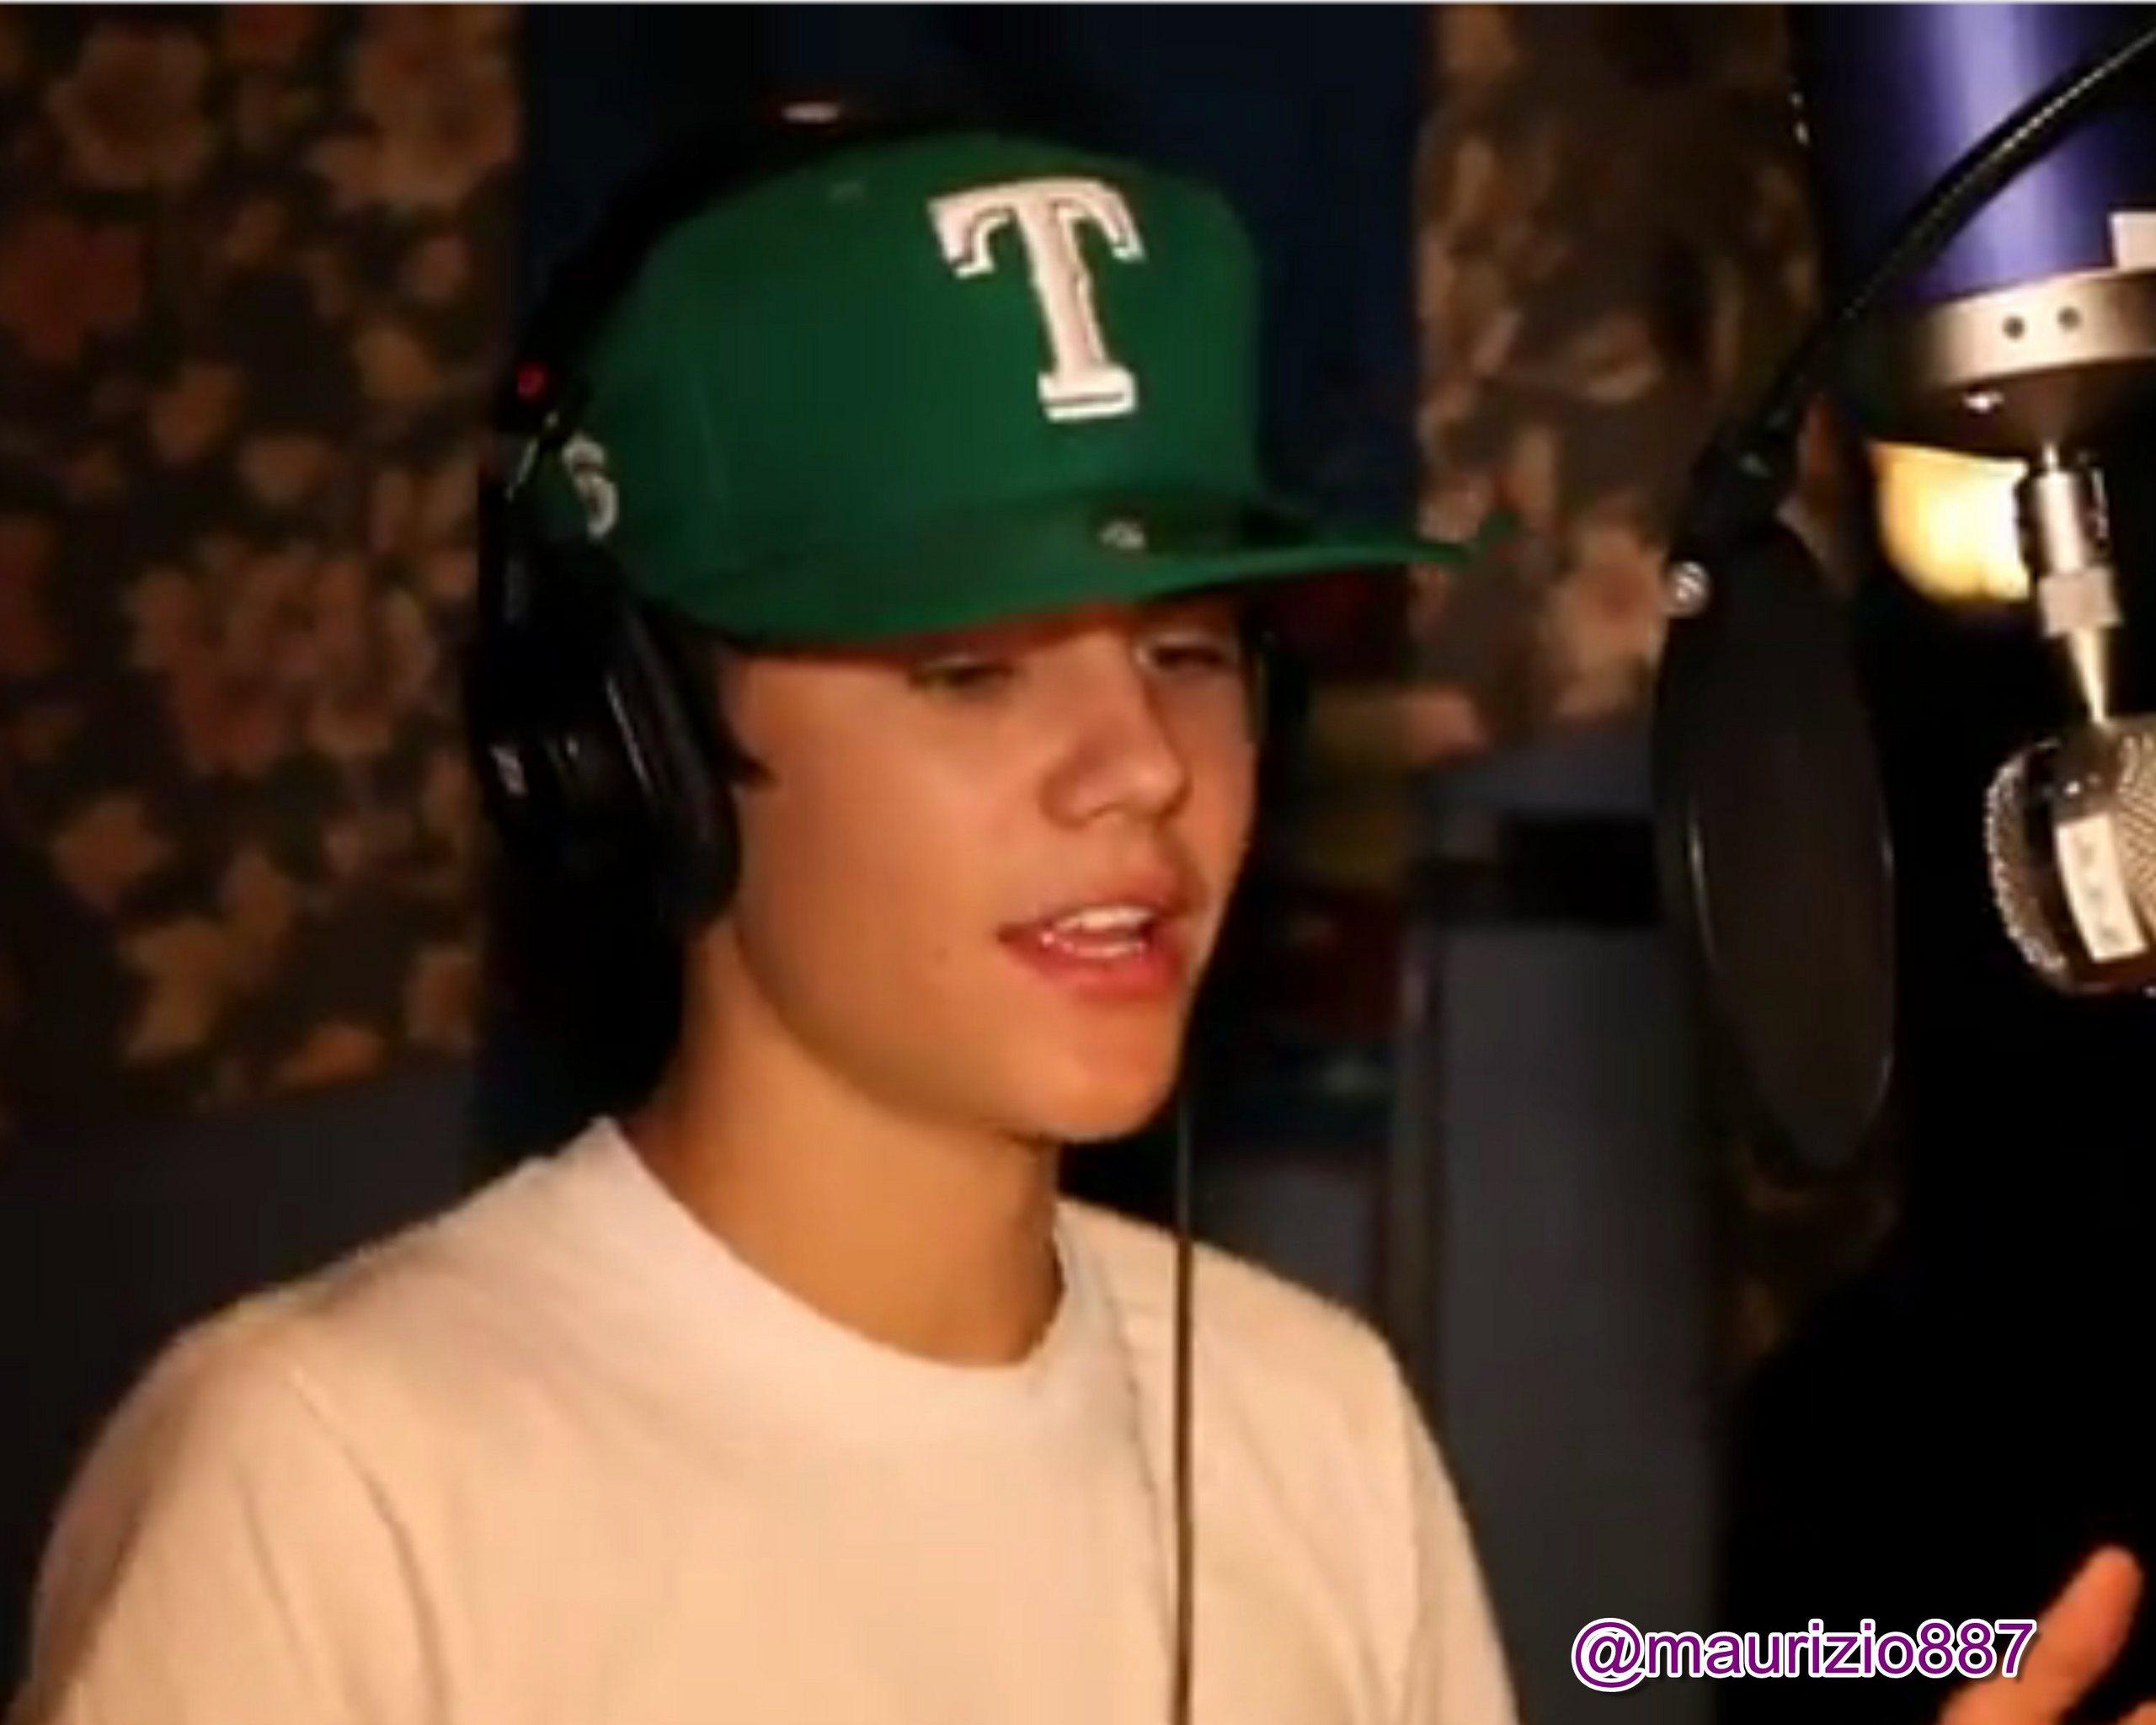 BOYFRIEND - Behind the scenes - Justin Bieber Photo ...